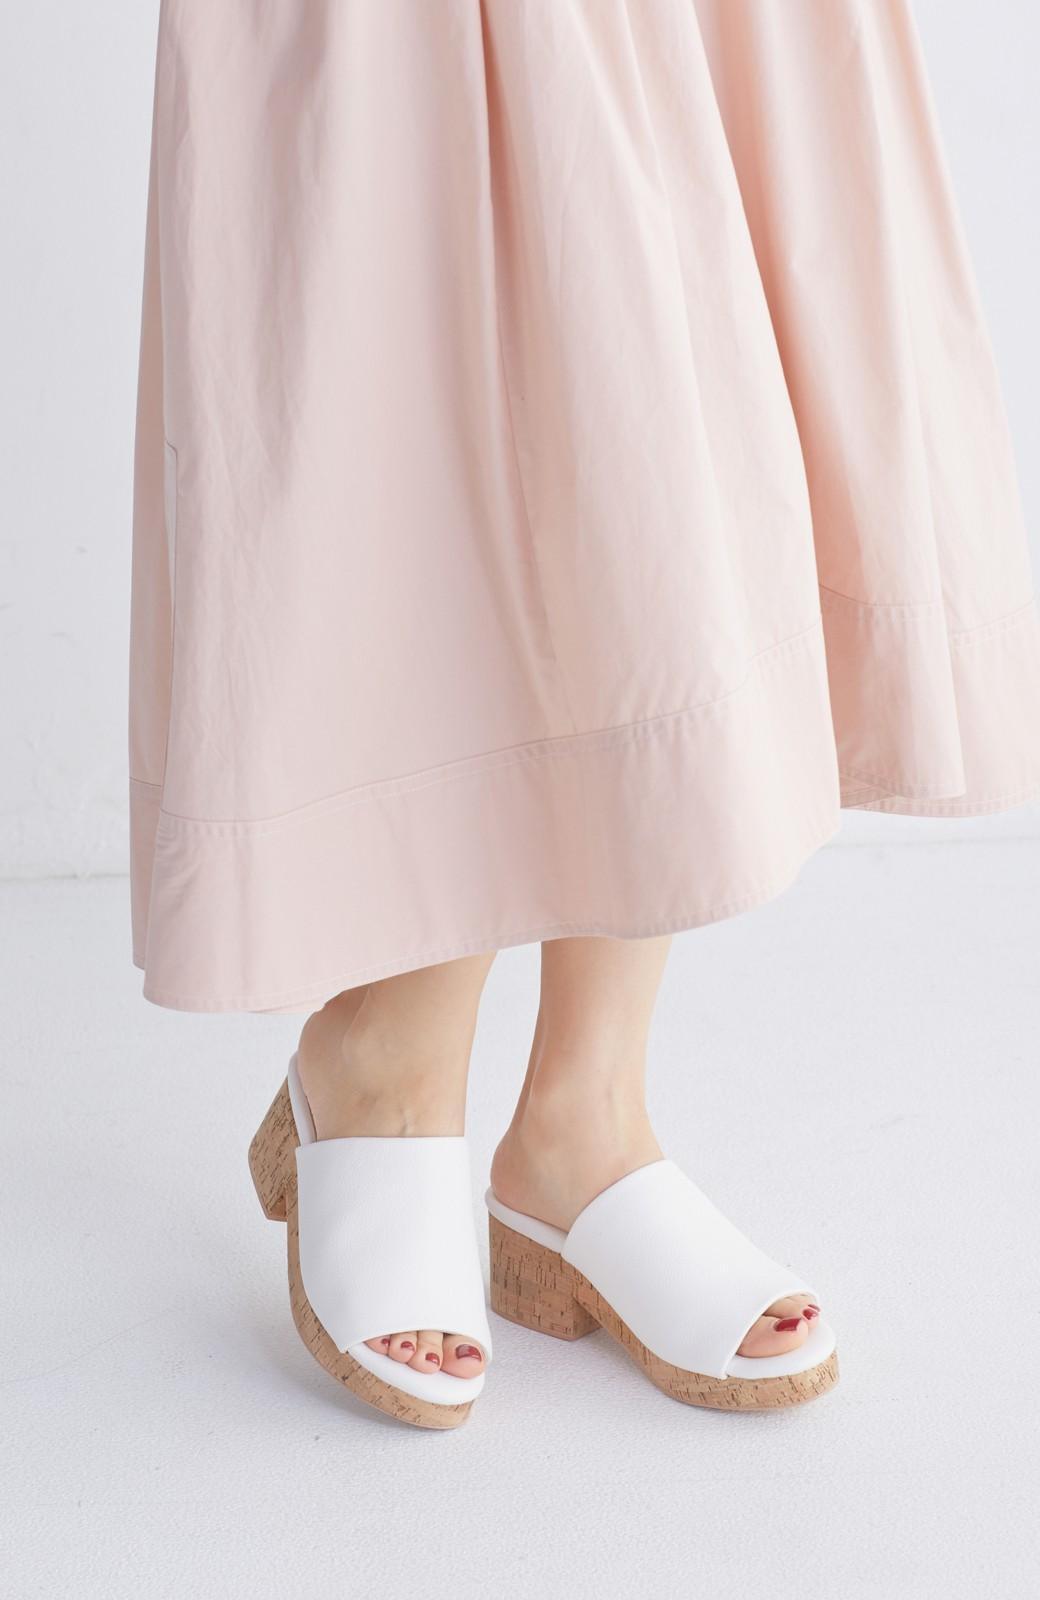 nusy 低&高反発で歩きやすい サボみたいにすぽっとはけるオープントゥサンダル <ホワイト>の商品写真13